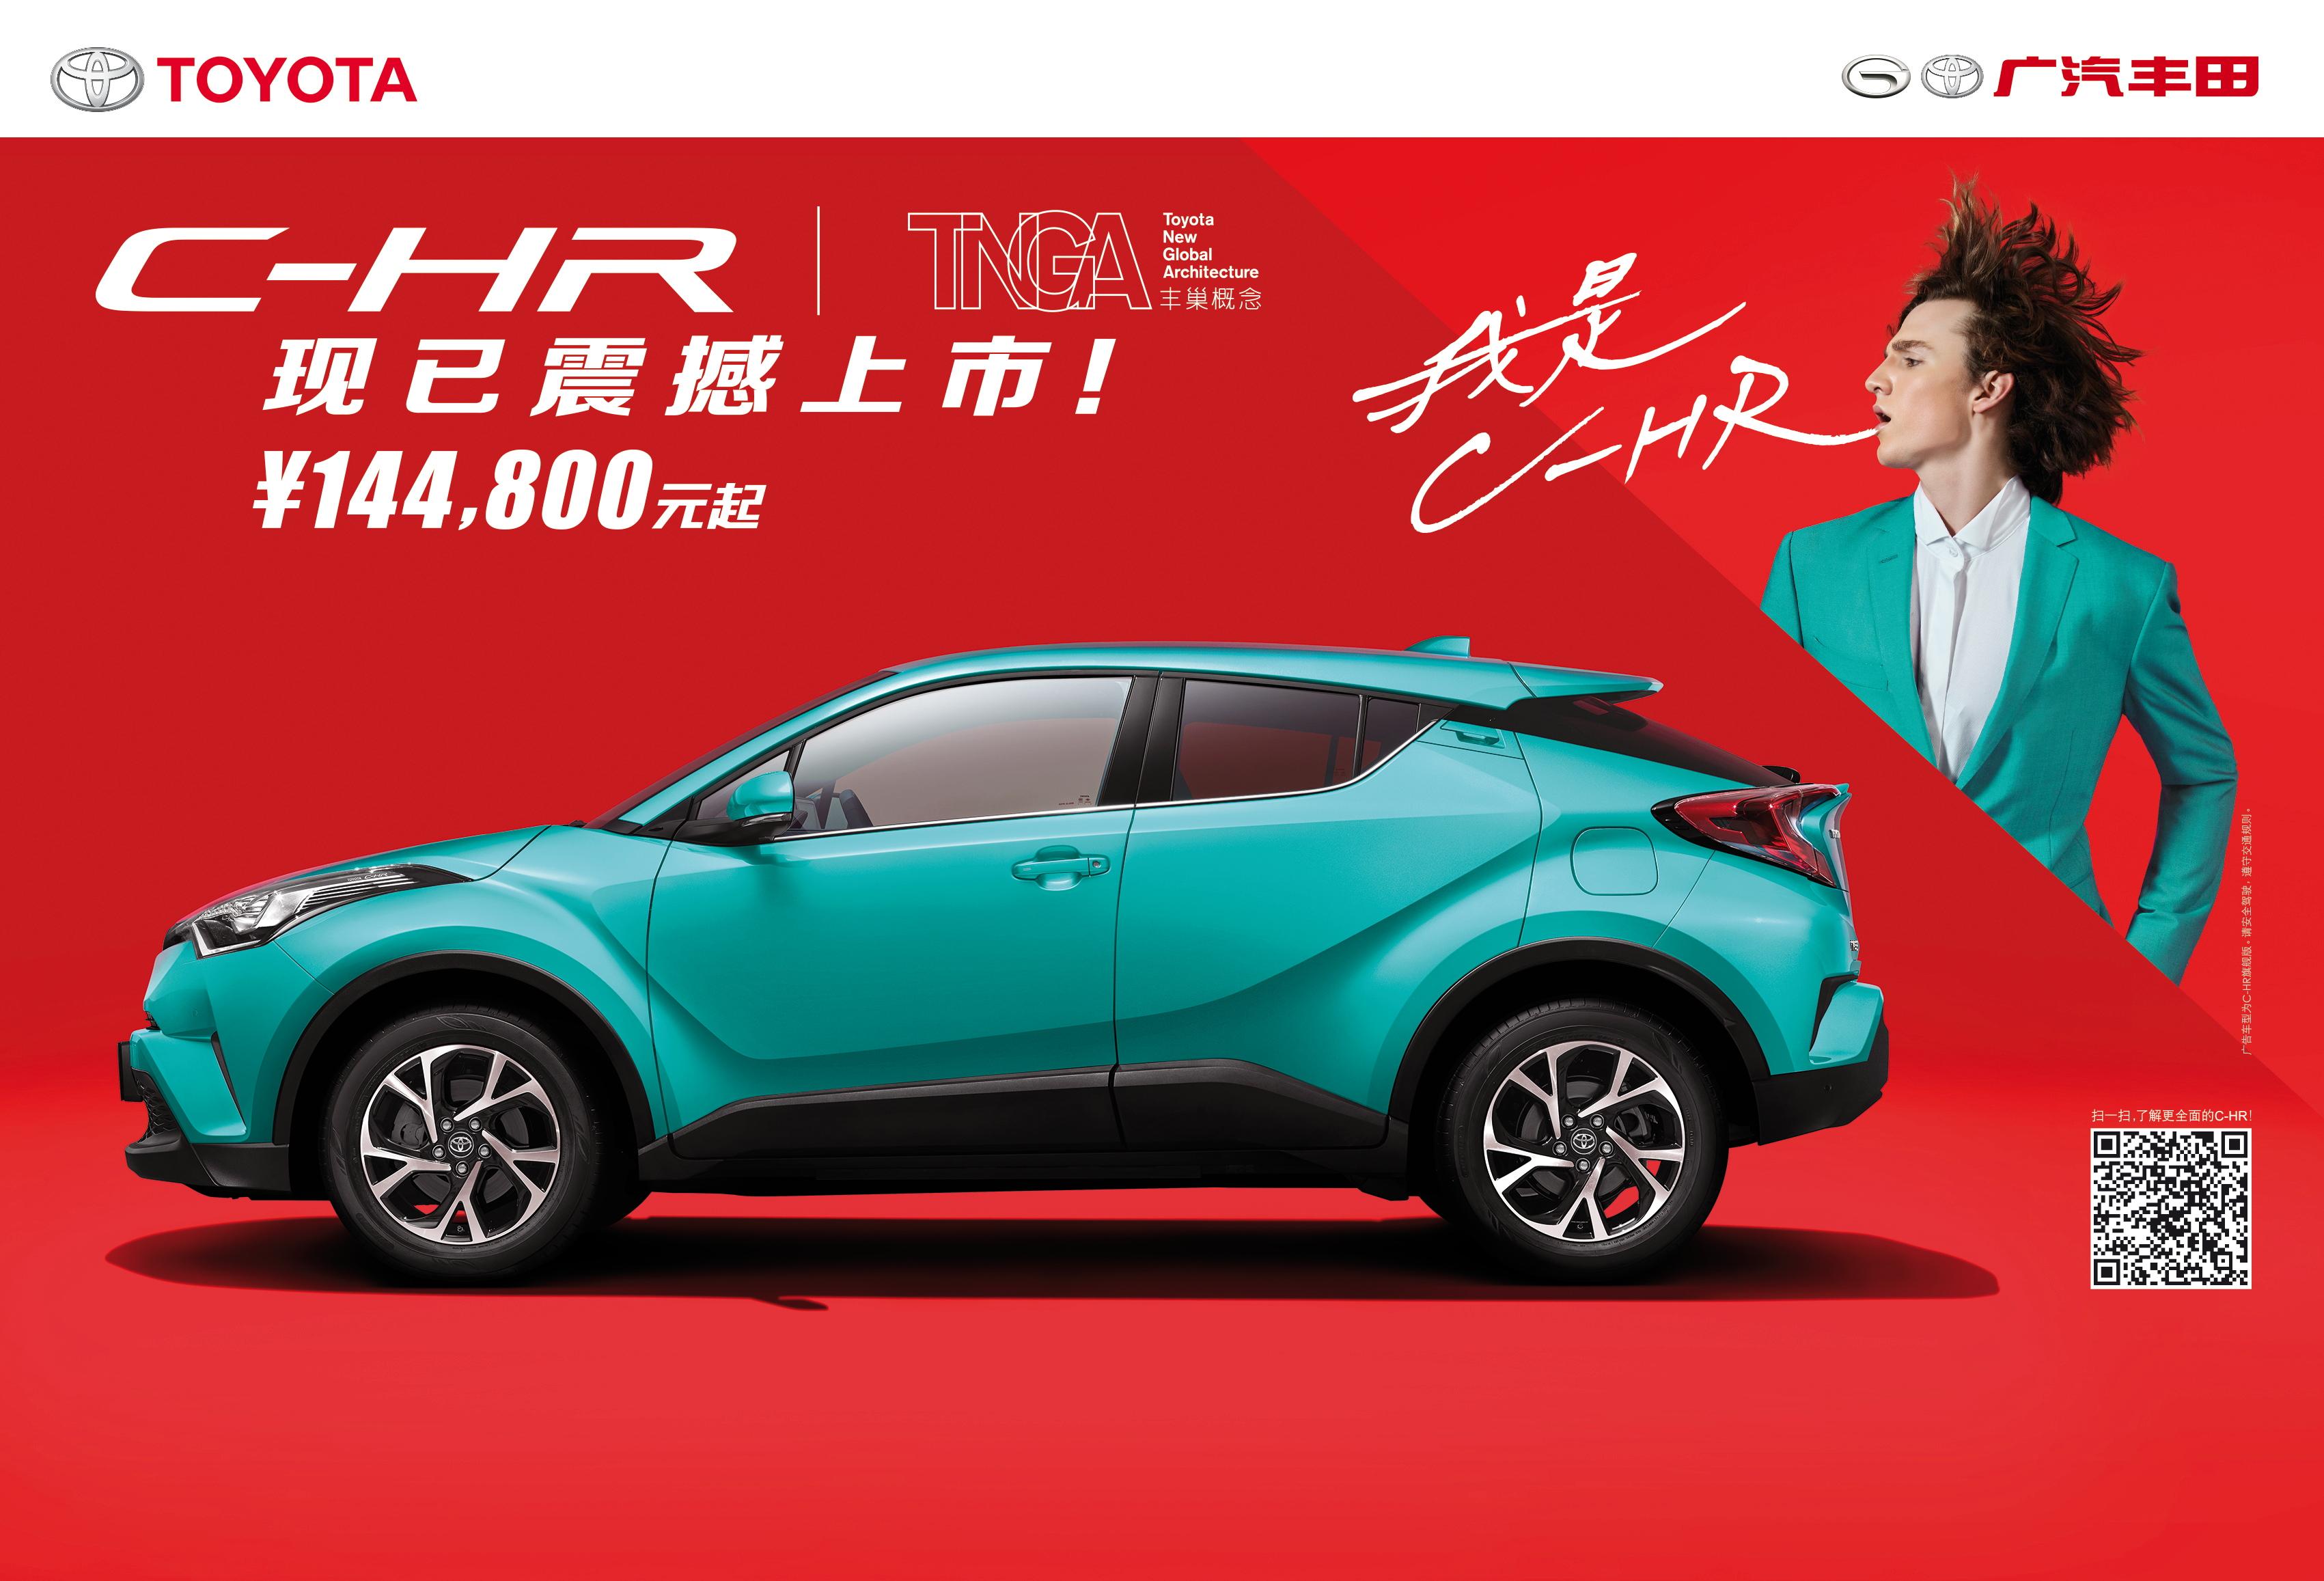 購豐田C-HR享3000元優惠 歡迎試乘試駕